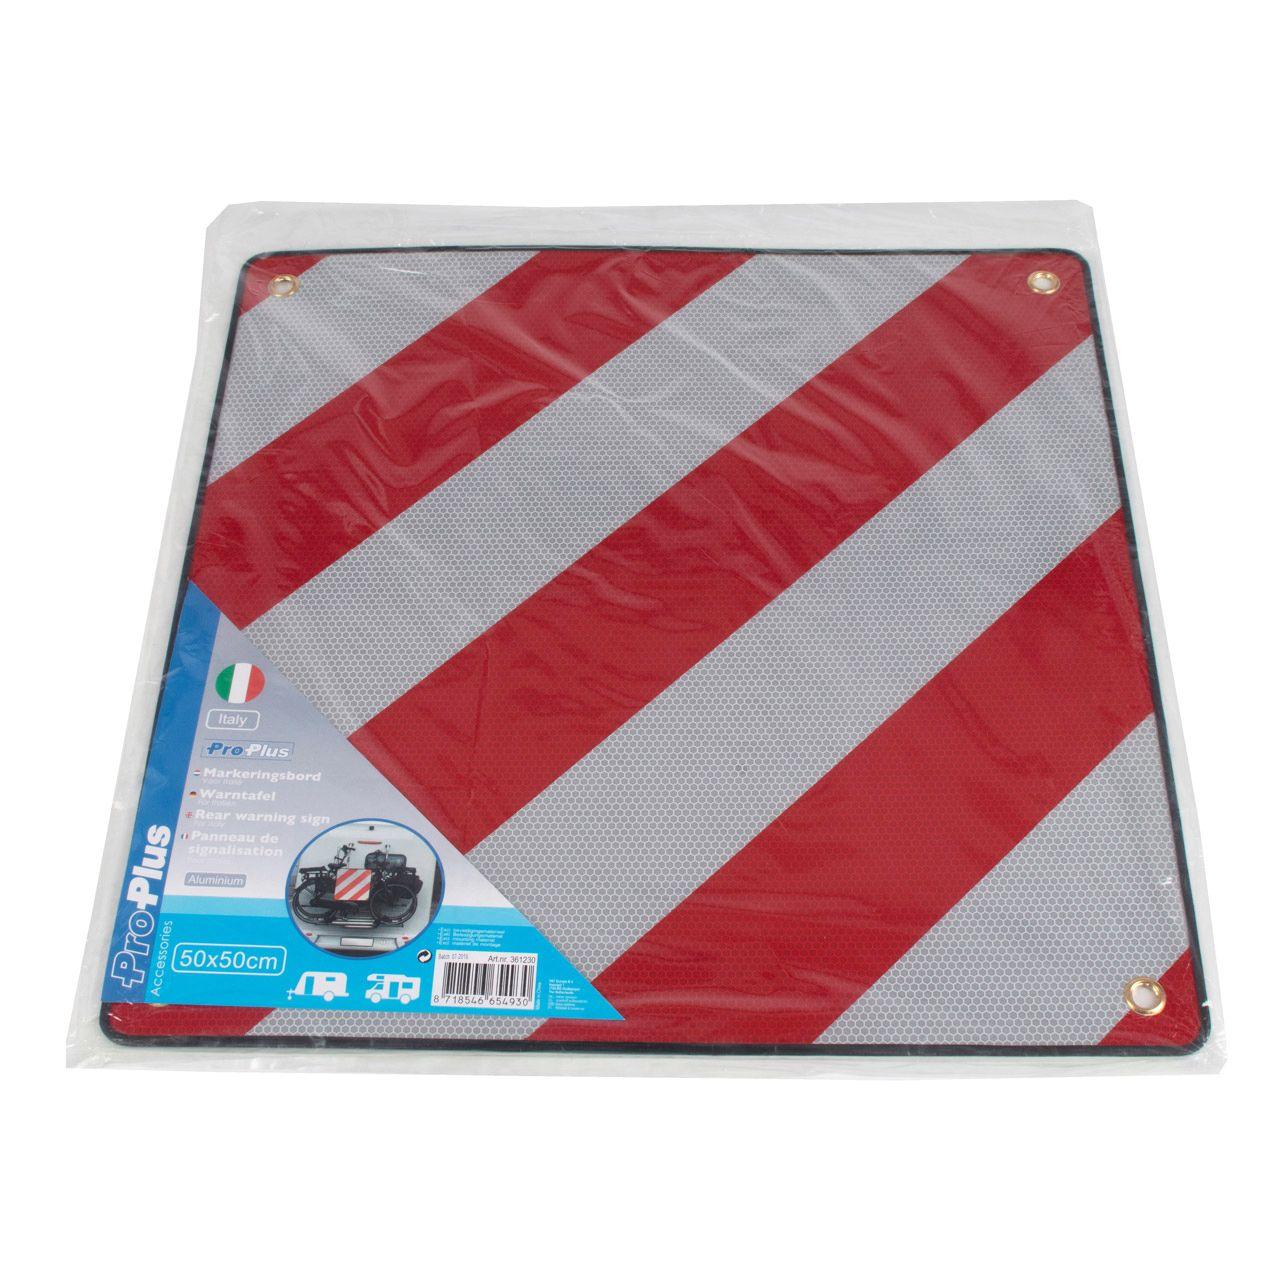 PROPLUS 361230 Alu-Warntafel Warnschild REFLEKTIEREND 50x50cm für Italien